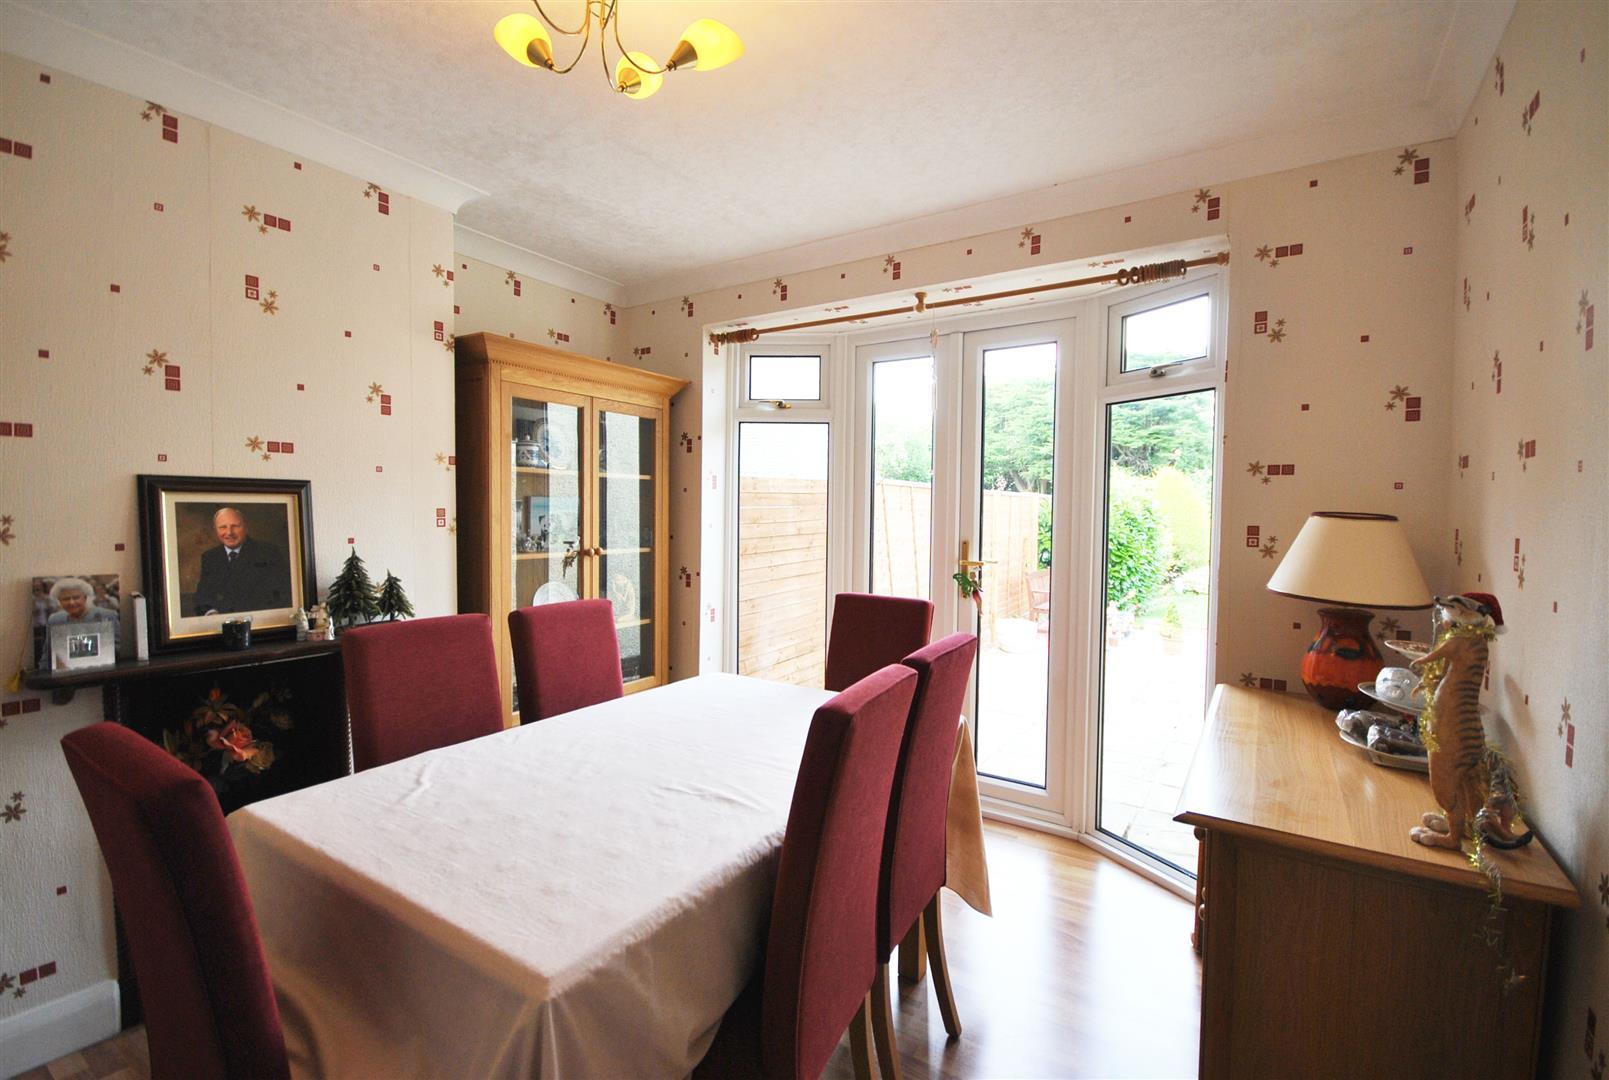 3 Bedrooms, Bungalow - Semi Detached